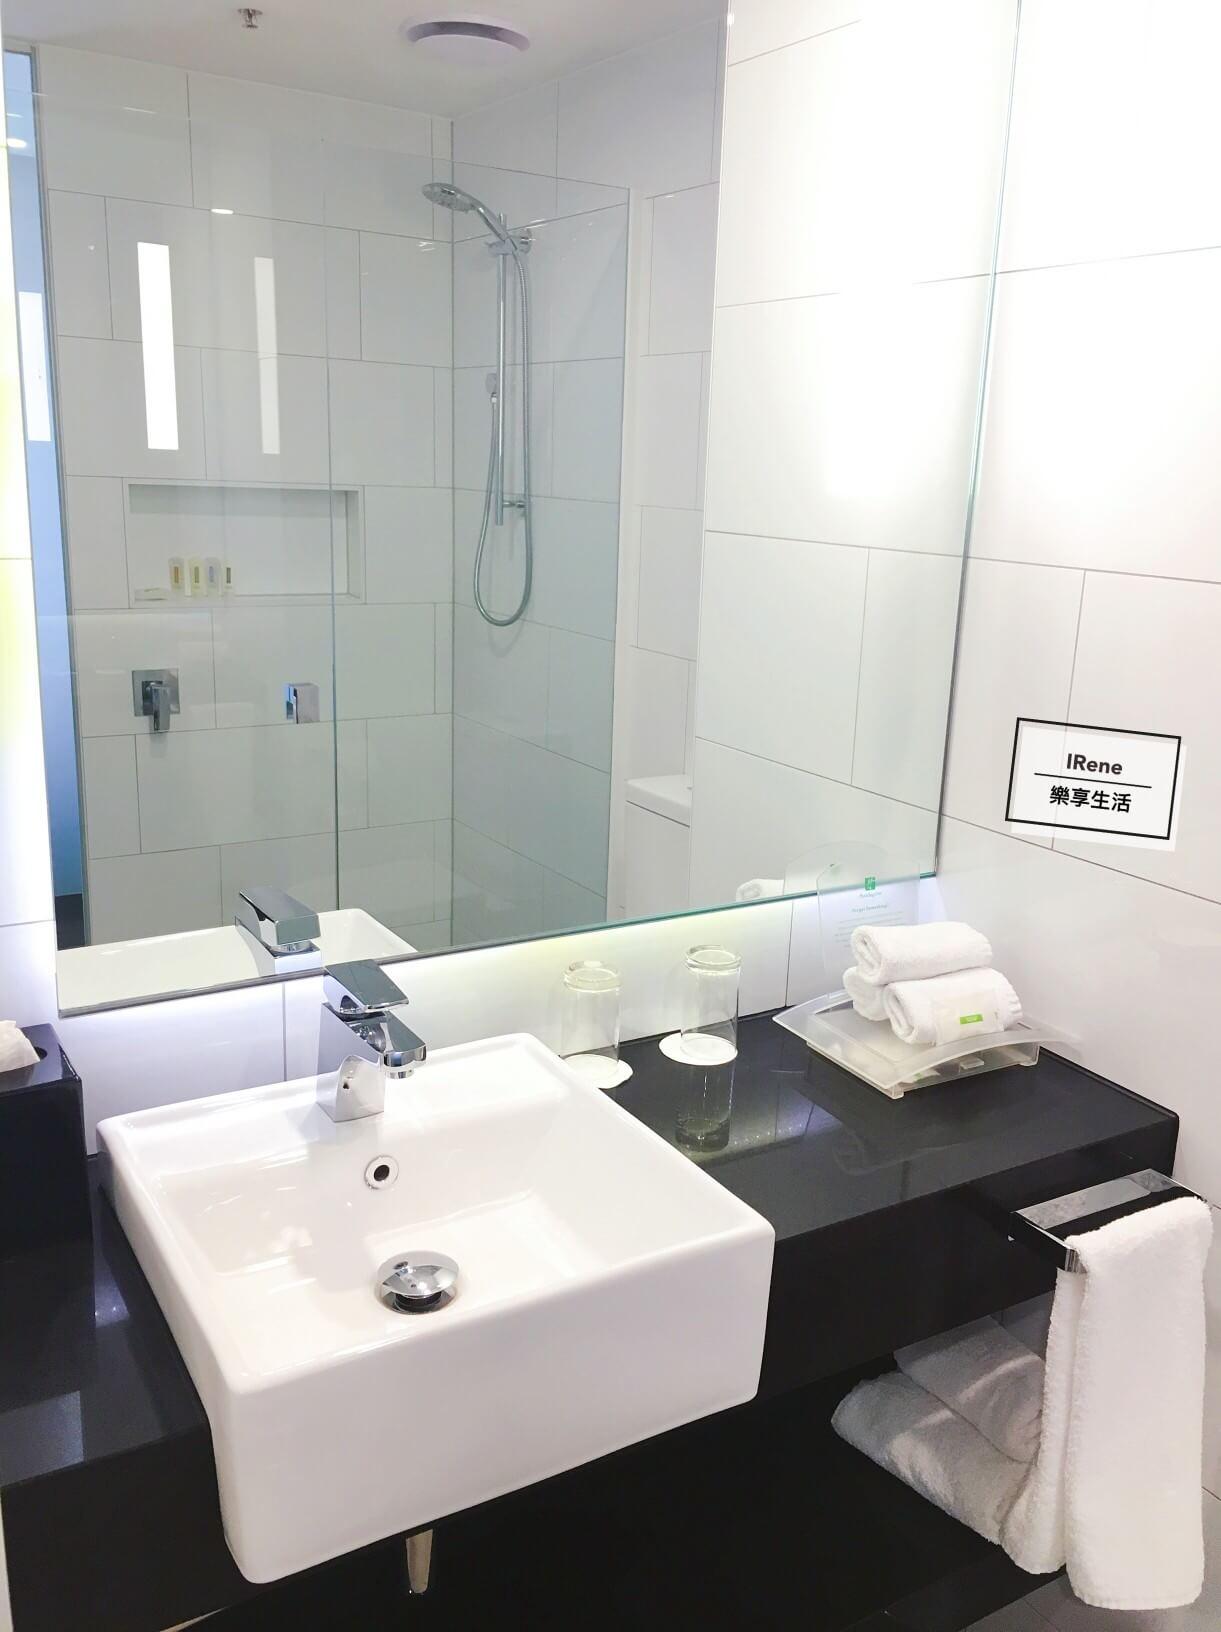 墨爾本住宿推薦-墨爾本弗林德斯假日酒店Holiday Inn Melbourne on Flinders